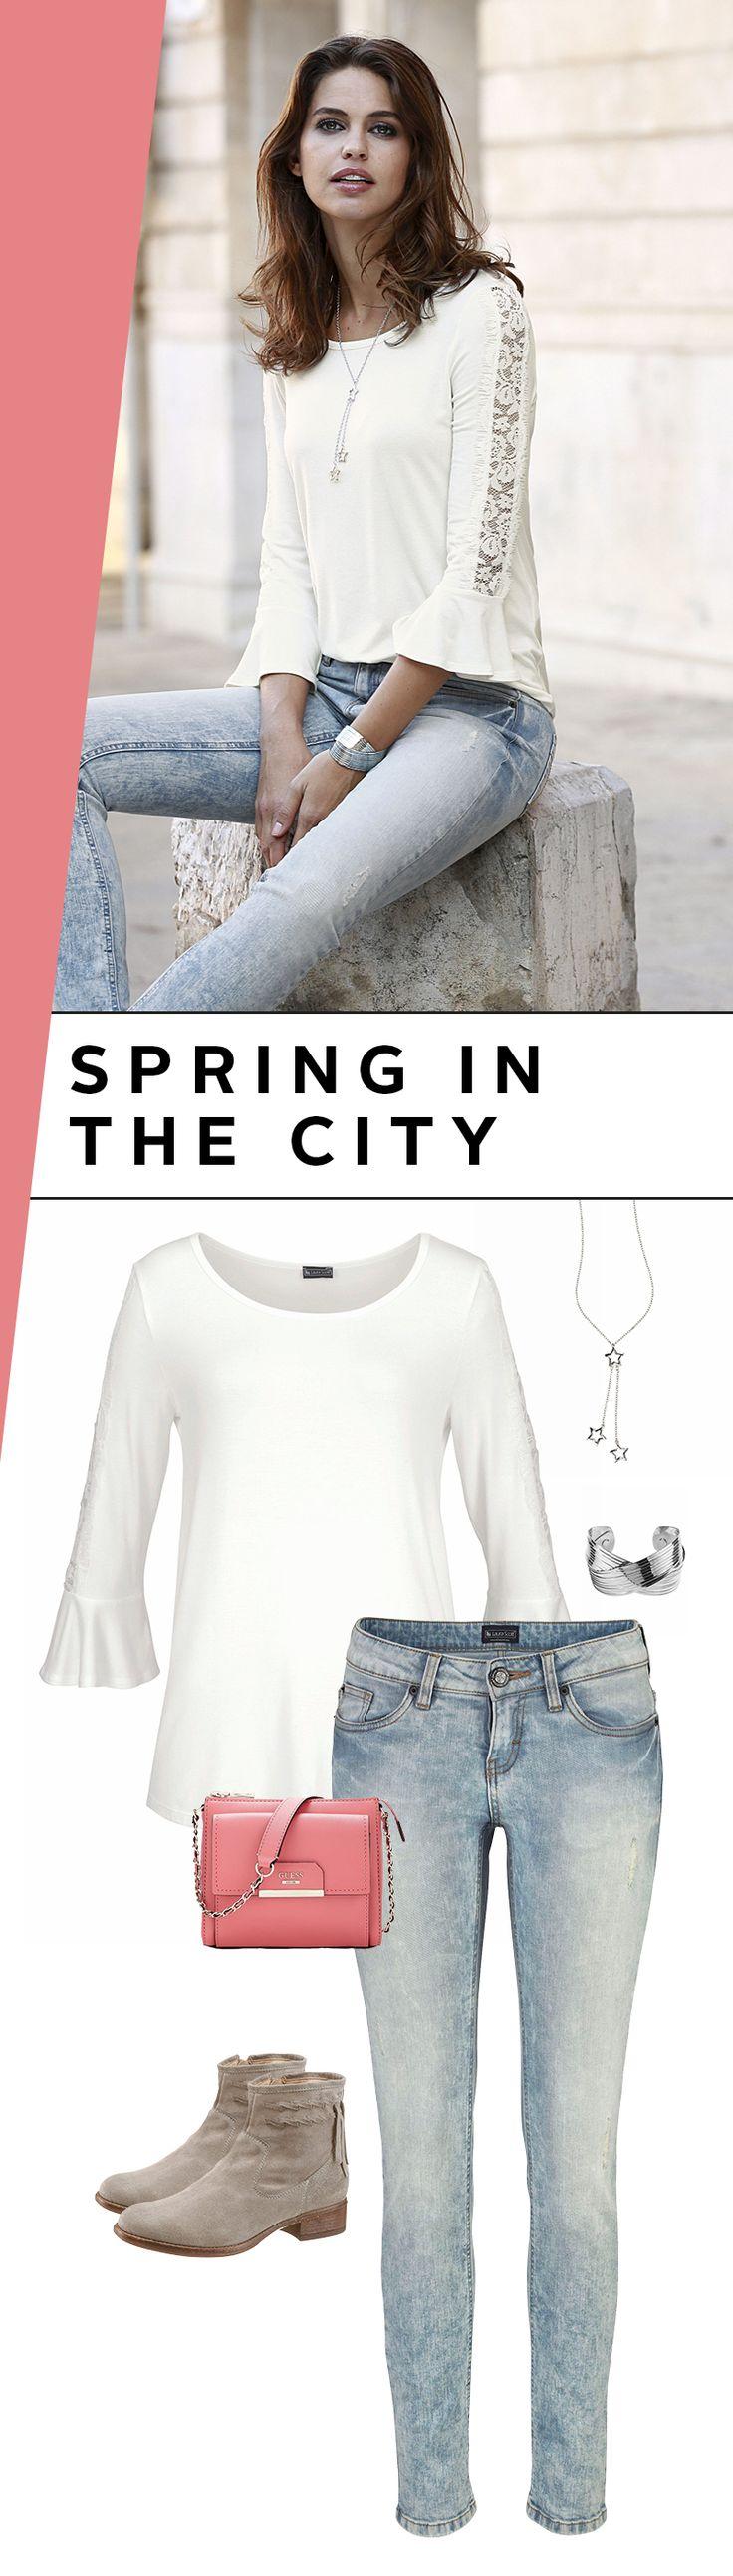 Dieses Outfit ist stoffgewordene Frühlings-Vorfreude! Ein weißes Spitzenshirt mit vielen Details, eine Destroyed-Jeans, Boho-Boots und ein frisches Rosa – schon steigt die Laune ganz automatisch! Frühling, wo bist du nur?